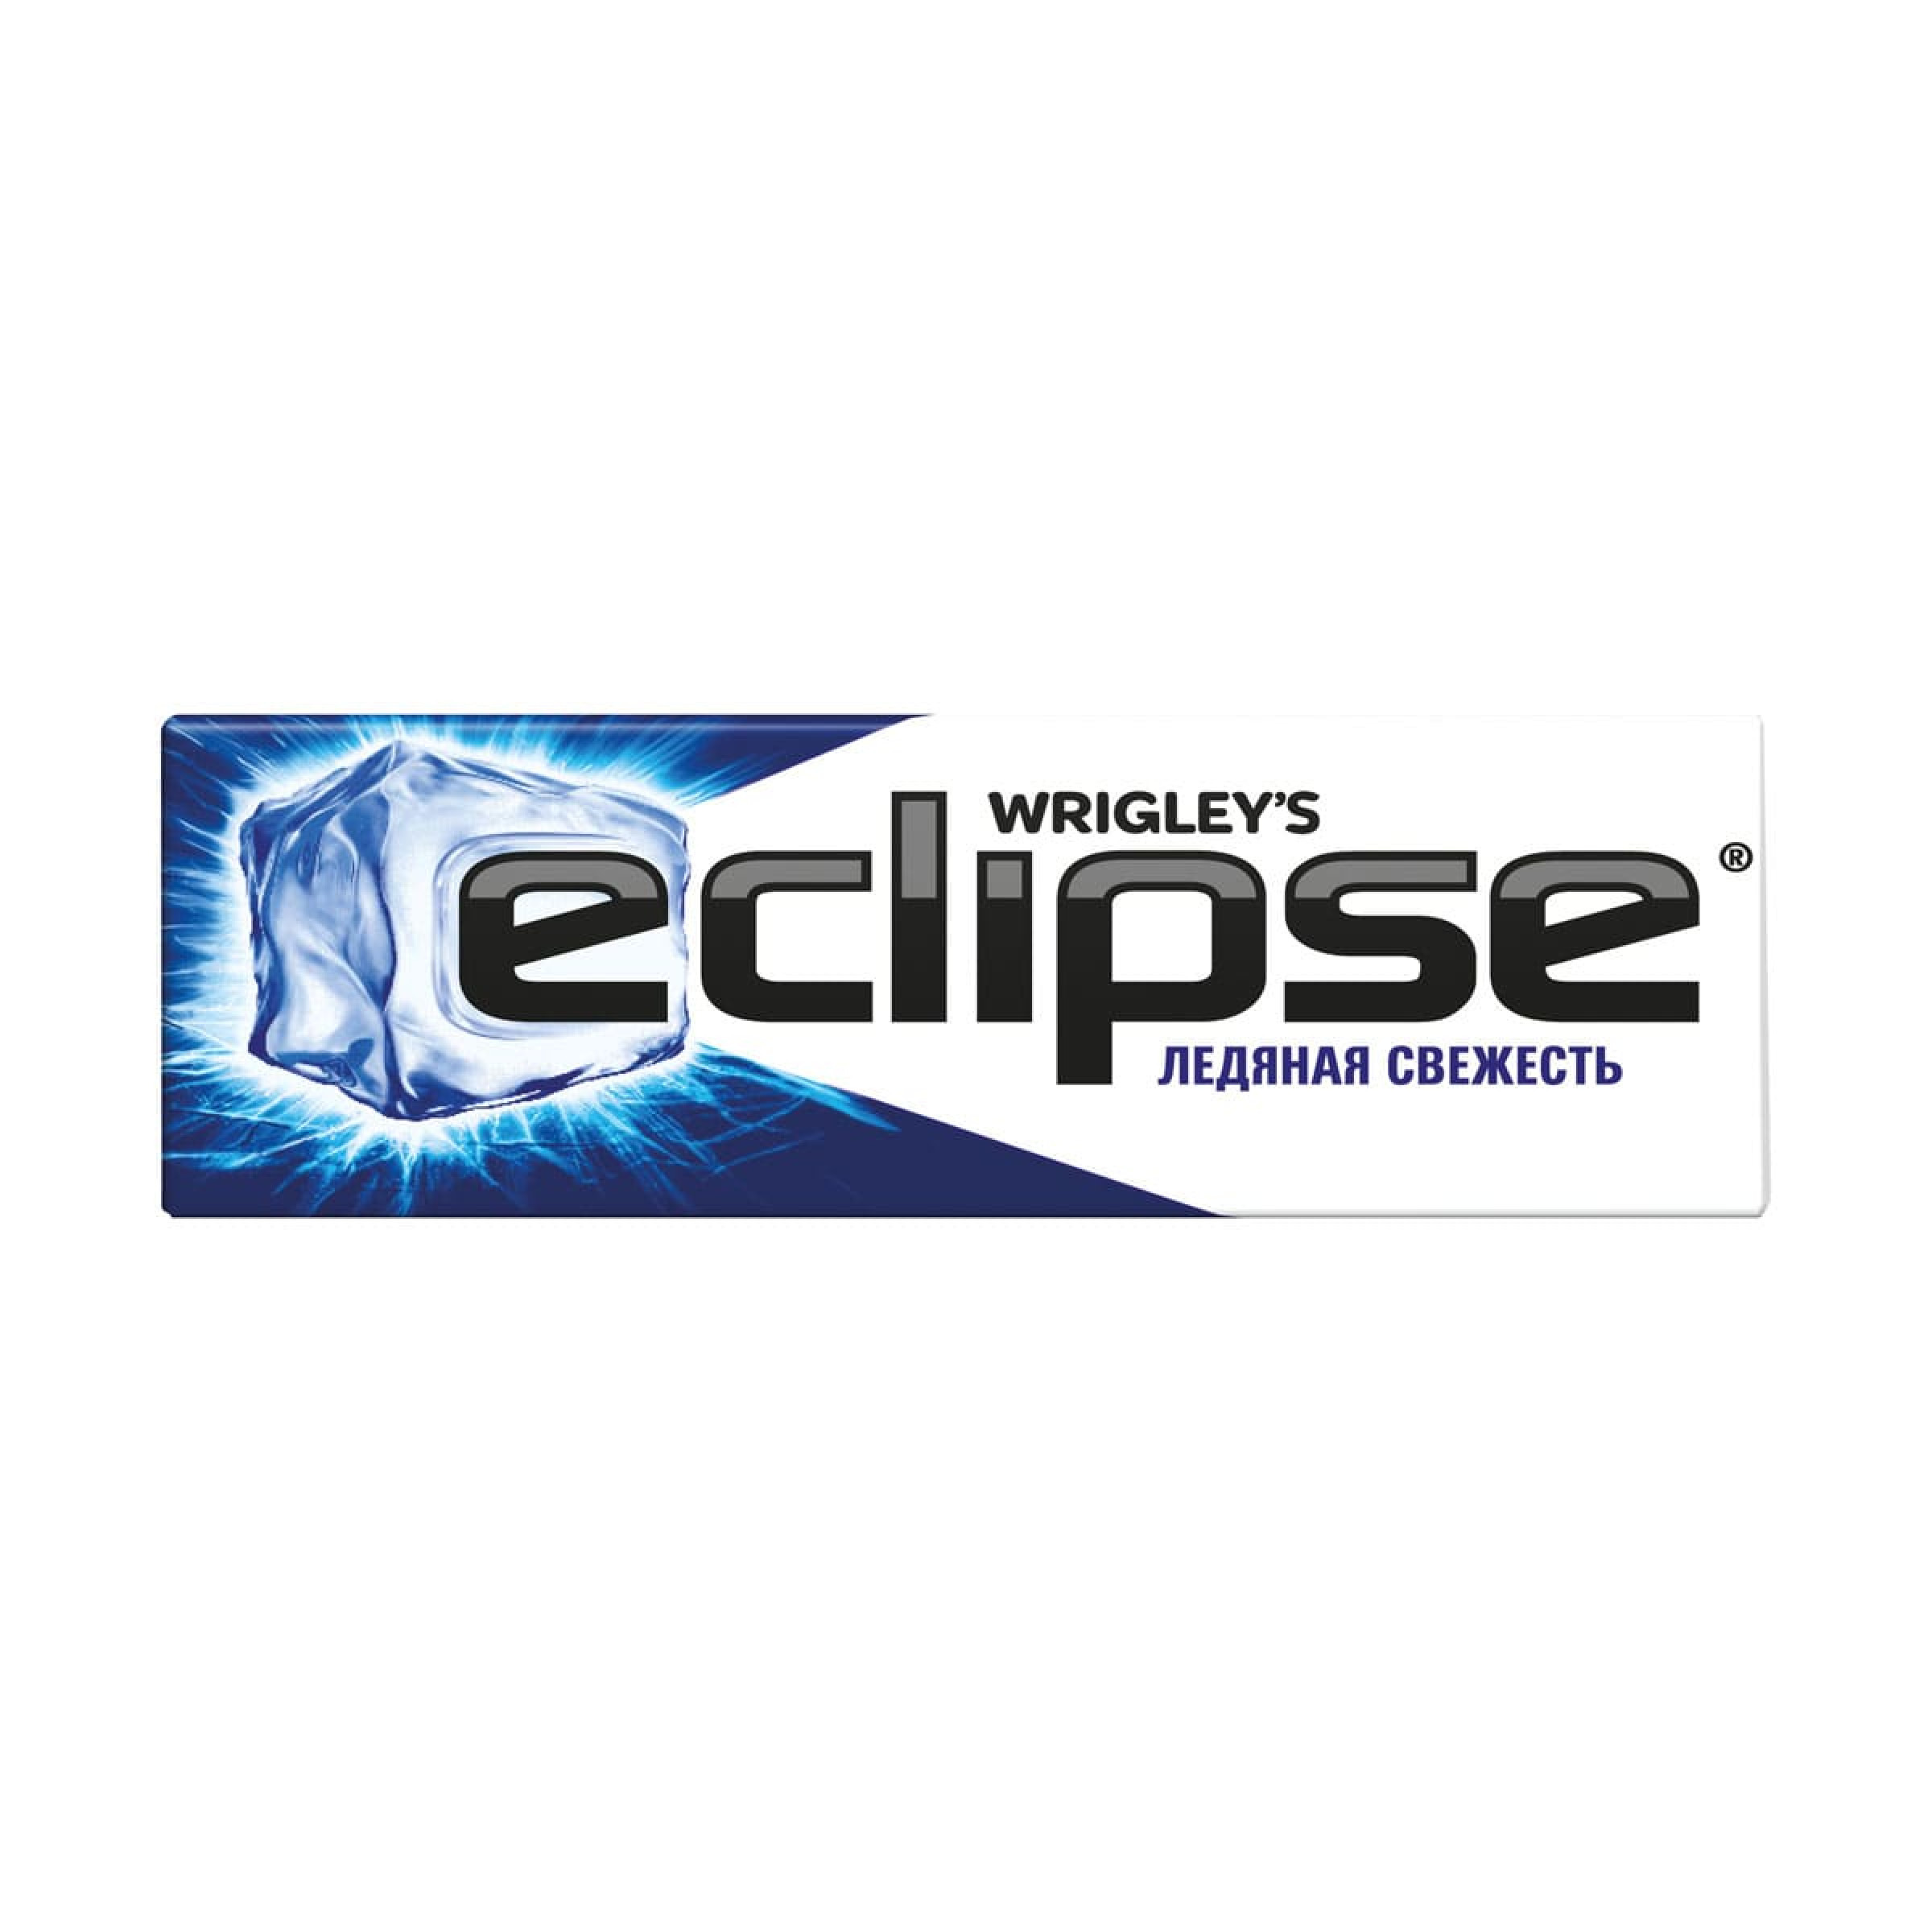 Жевательная резинка Eclipse Ледяная Свежесть, 13,6 г